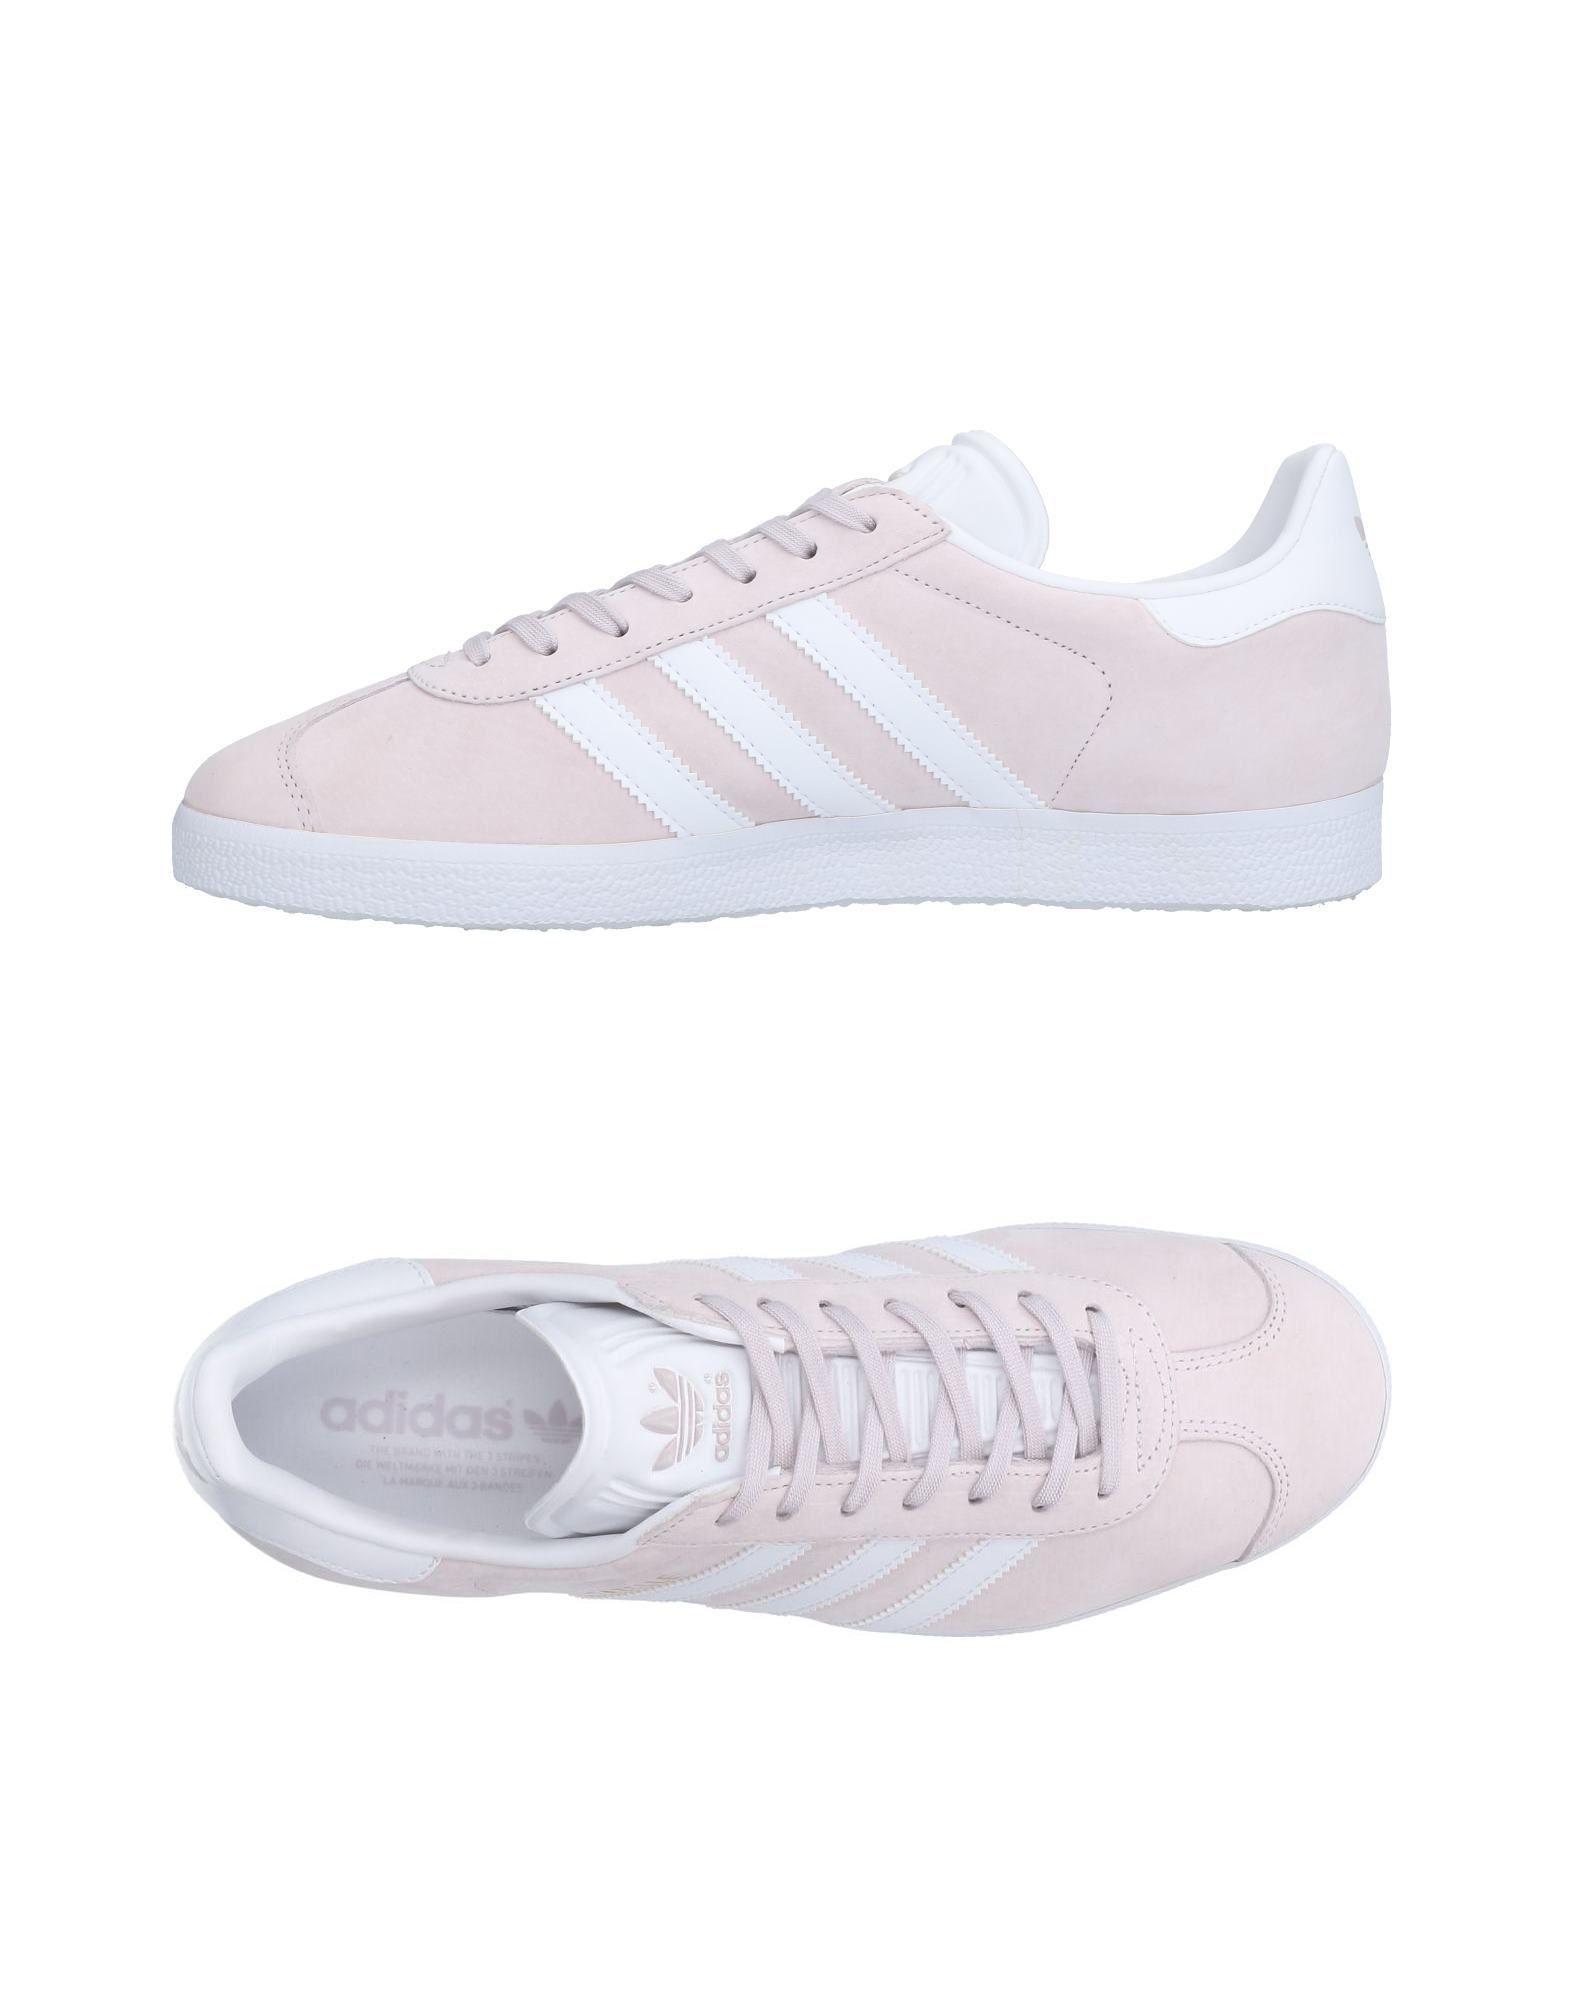 Adidas Originals Sneakers - Men Adidas Originals Originals Originals Sneakers online on  United Kingdom - 11504509IN eeb0a5